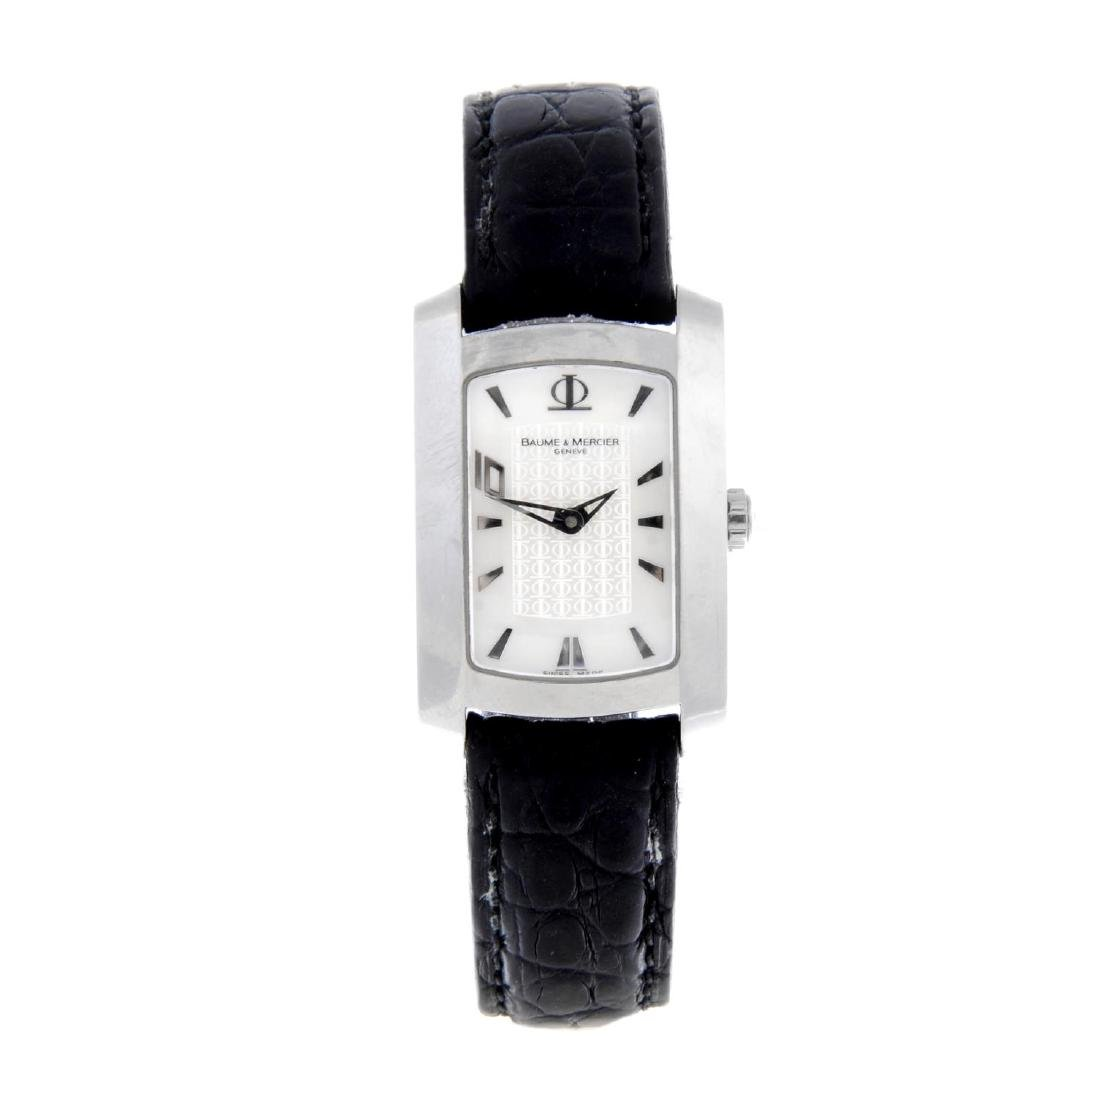 BAUME & MERCIER - a lady's Hampton 10 wrist watch.